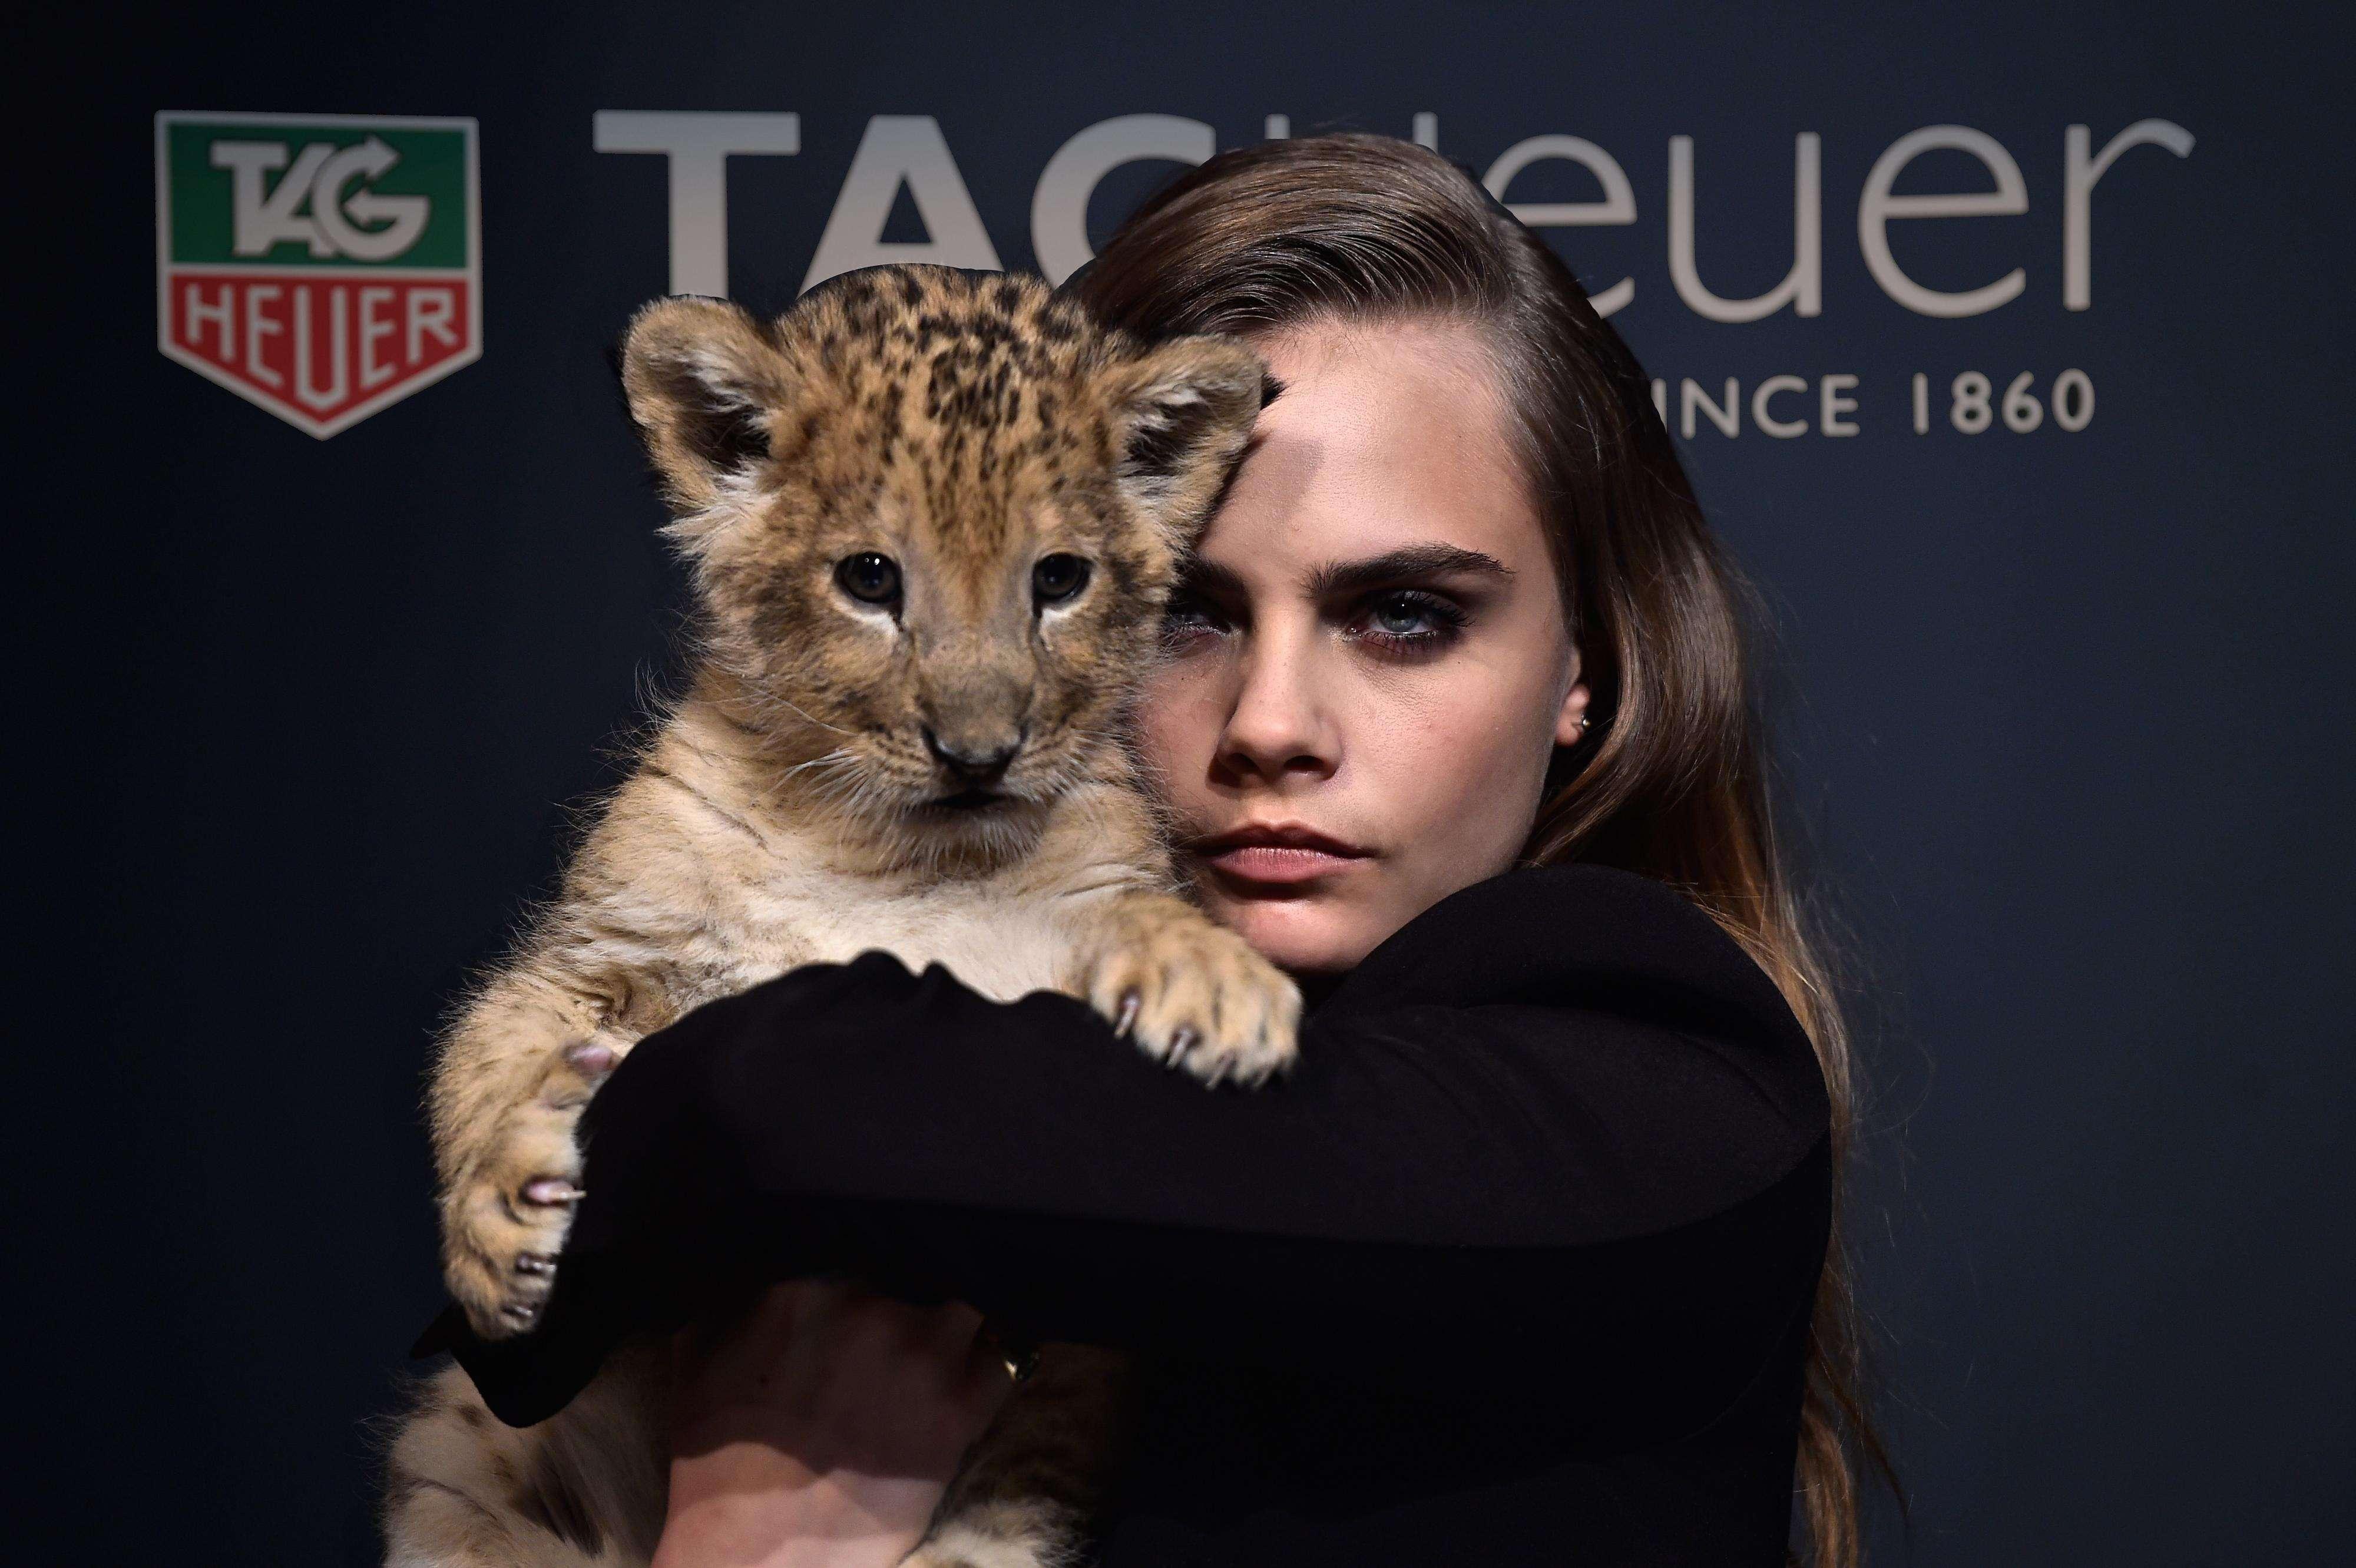 Cara segurou o filhote de leão durante evento da marca de relógios de luxo Tag Heuer Foto: Getty Images